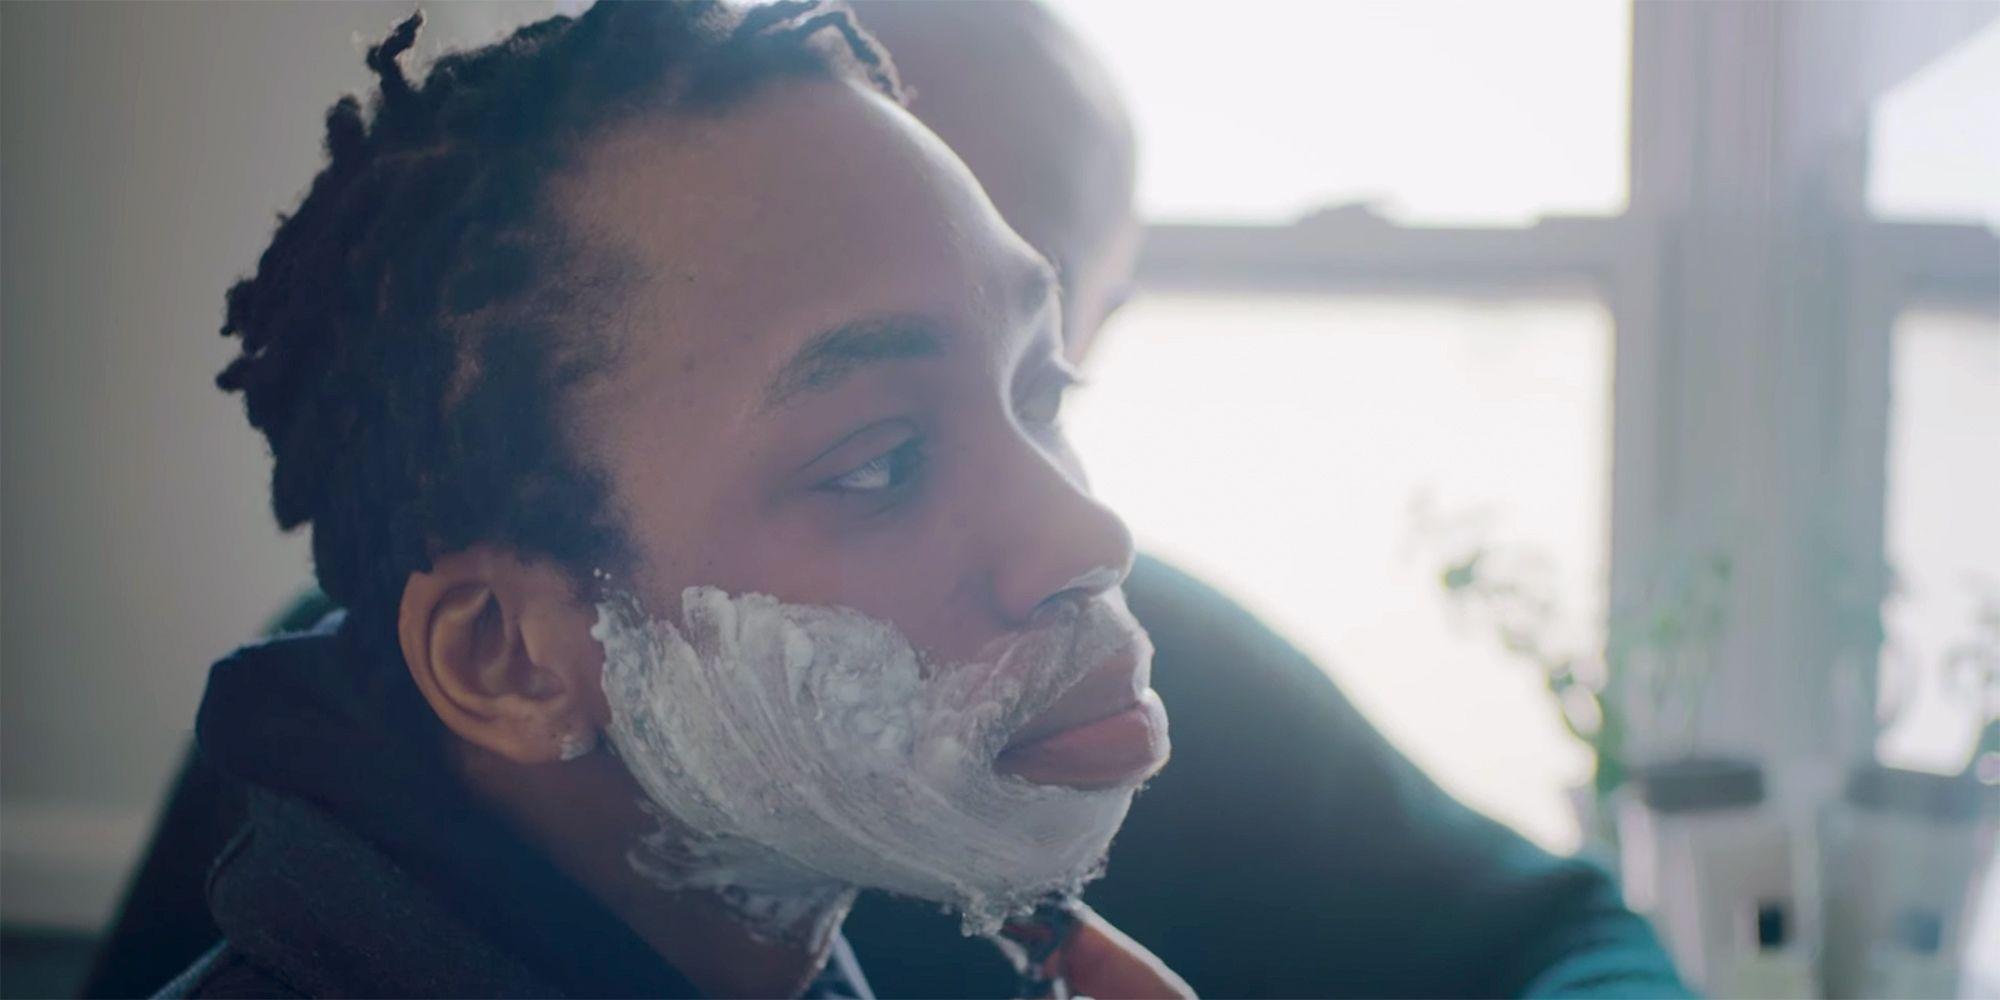 Gillette Transgender Man Shaving Ad - Trans Man's First Shave Commercial